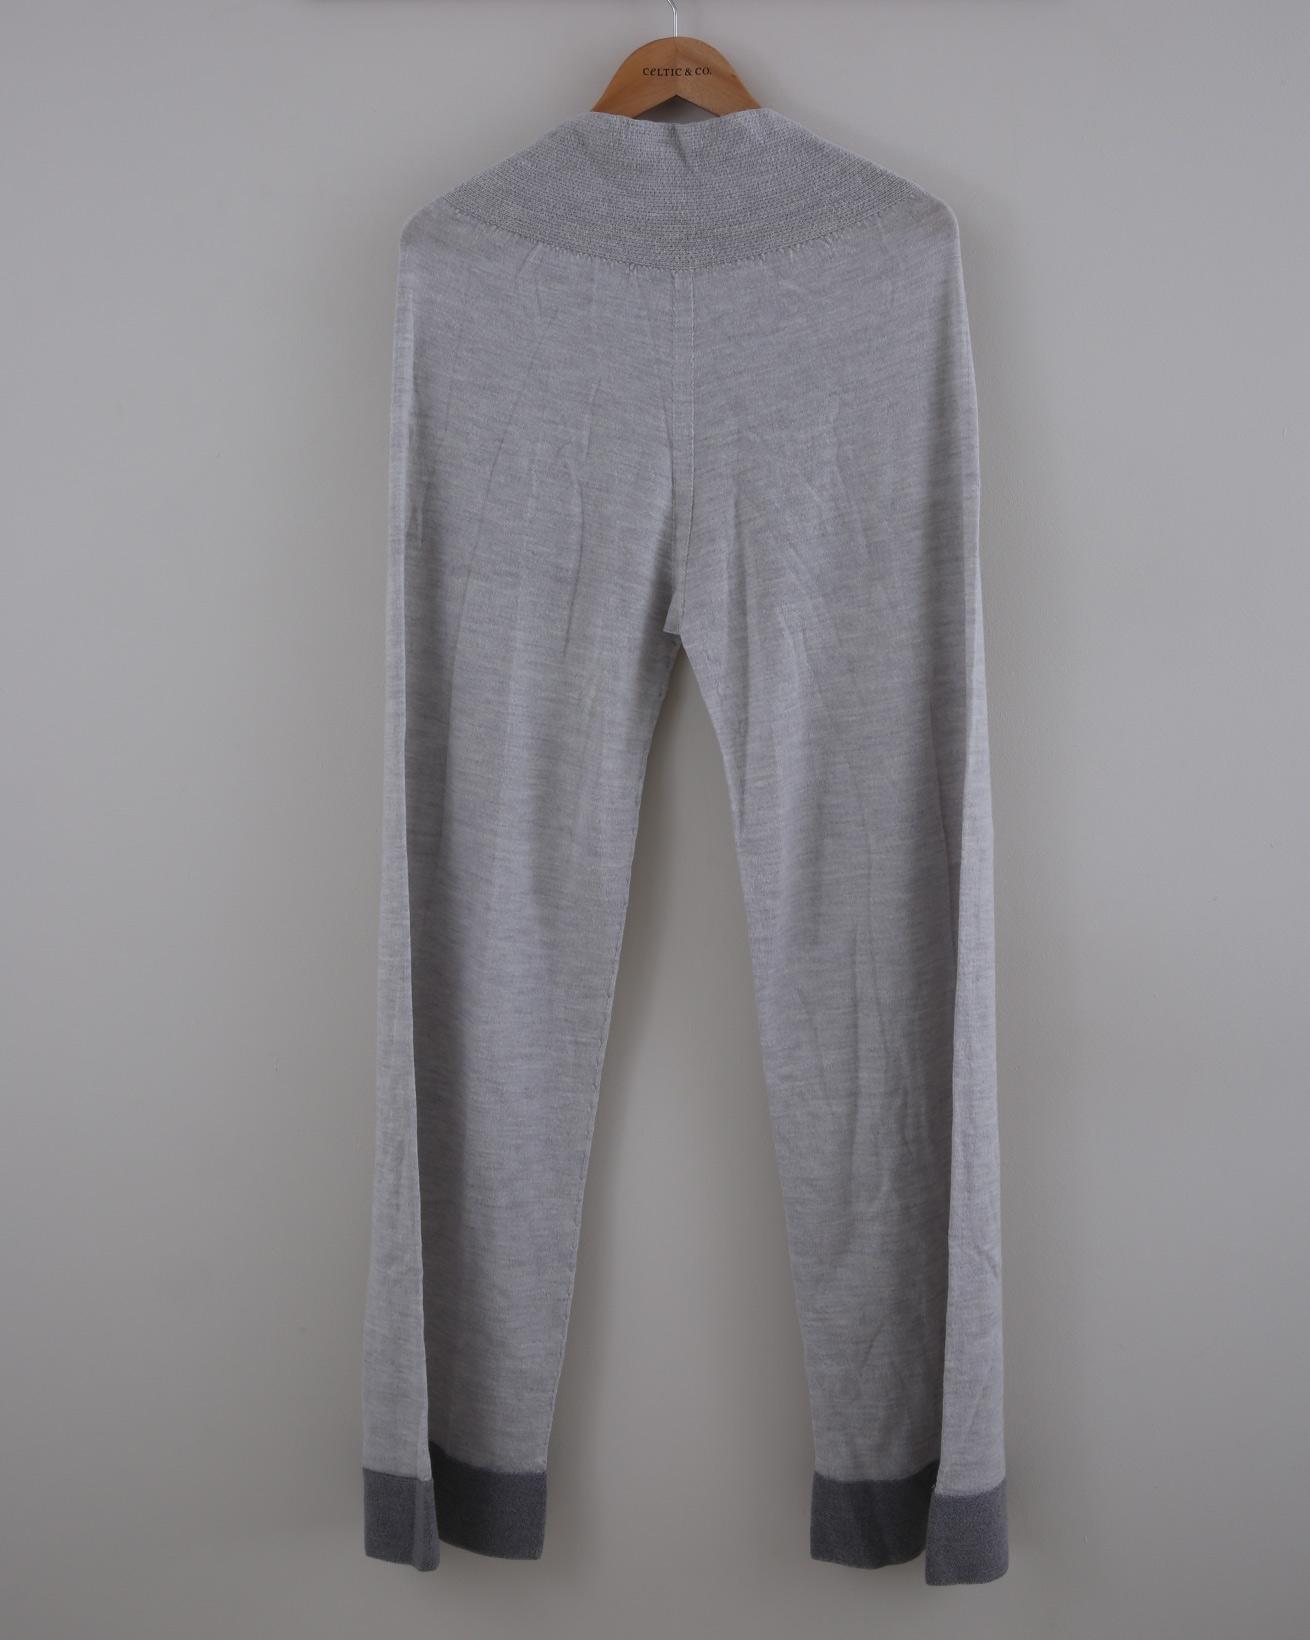 Wide Leg Merino Lounge Pants - Size Small - Grey - 1522